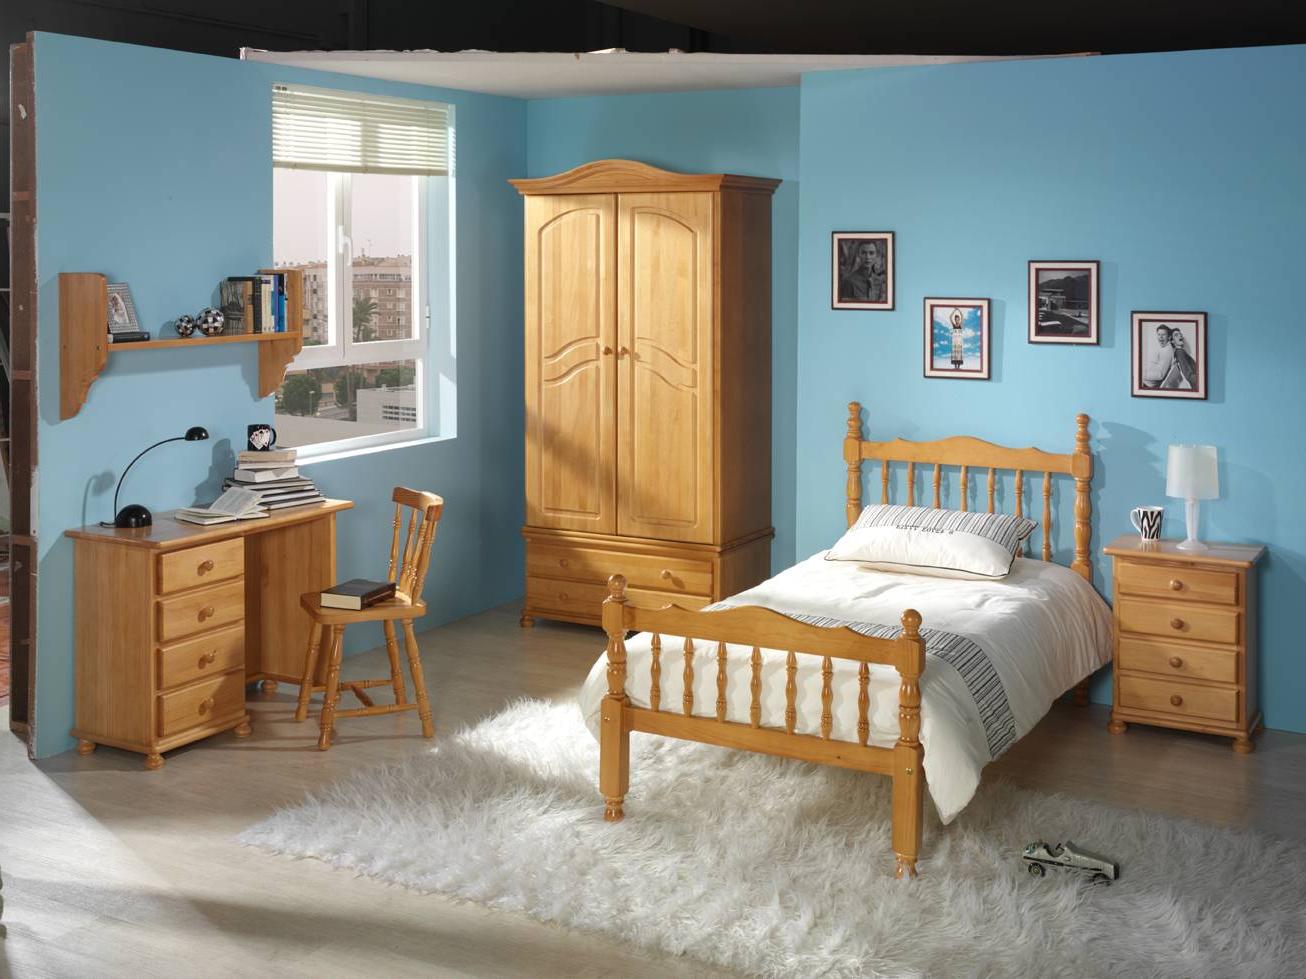 Muebles De Pino Color Miel Y7du Cama Pino torneada Dormitorios Juvenil Online Muebles Online